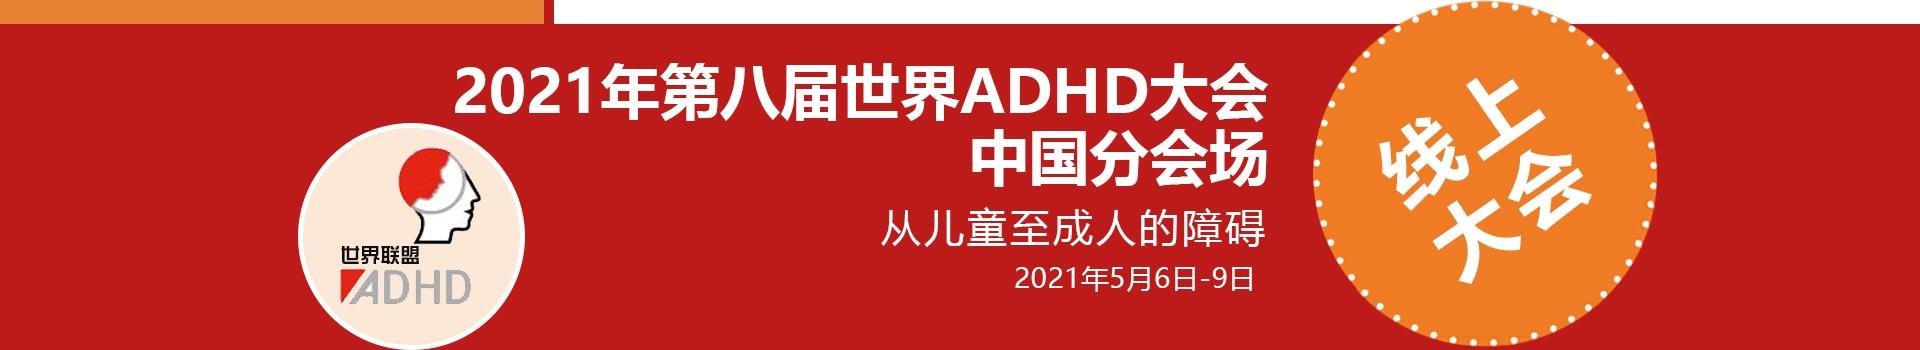 2021年第八届世界ADHD大会